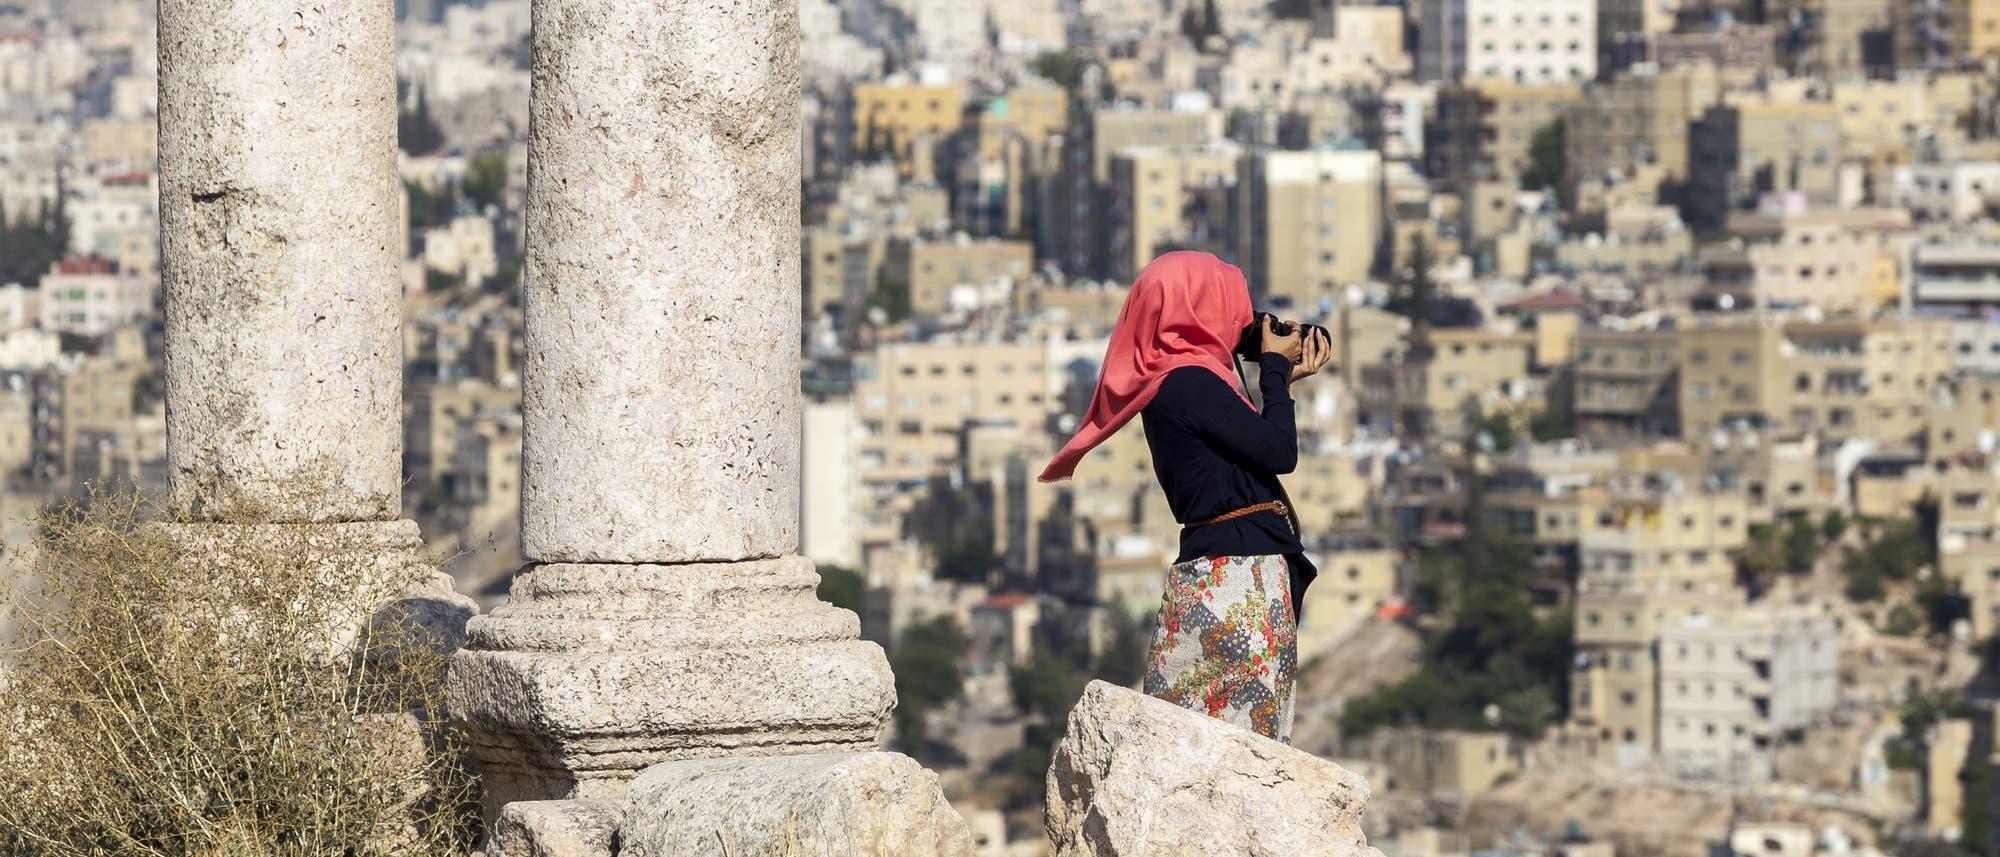 Eine junge Frau mit rotem Kopftuch steht mit einer Kamera filmend neben zwei römischen Säulenstümpfen vor den Häusern von Amman